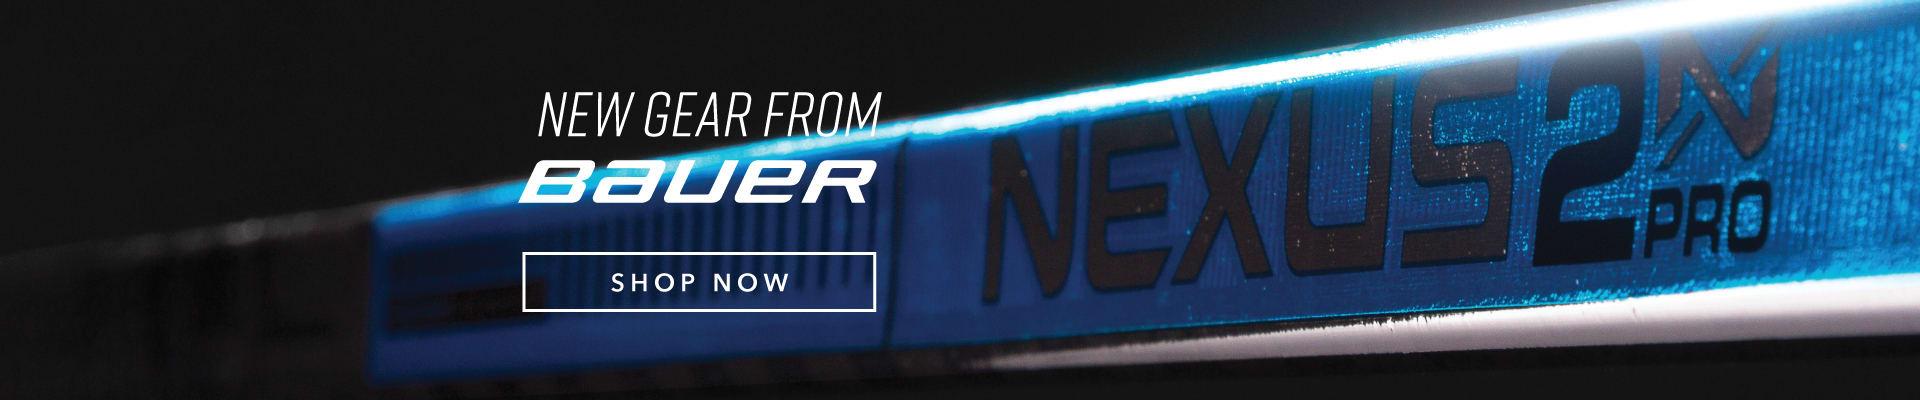 New Bauer Hockey Equipment